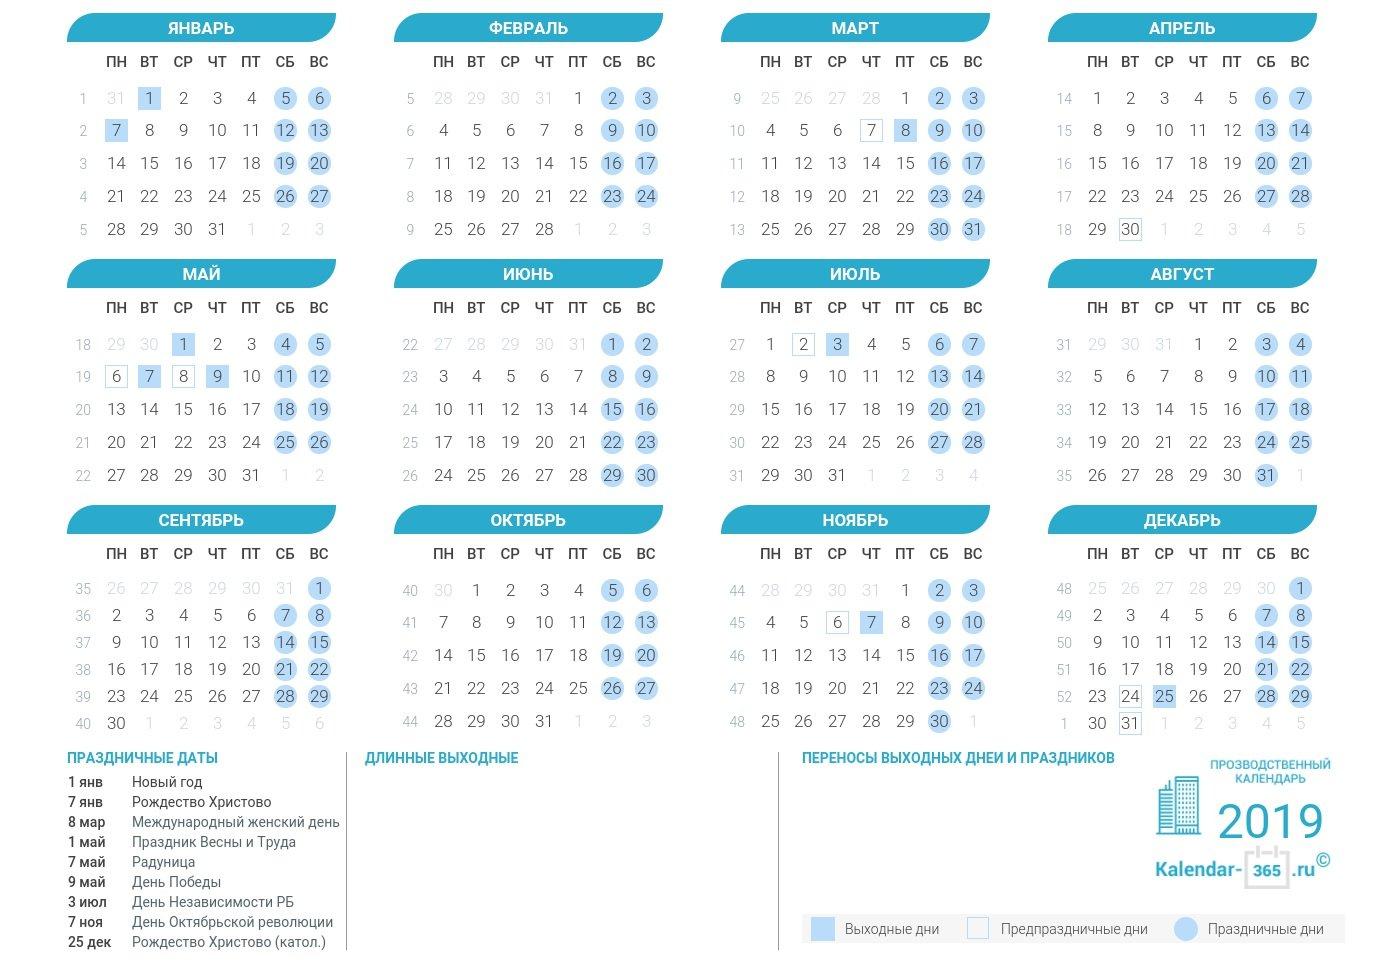 Производственный Календарь Беларуси На 2019 Год Calendar 2019 Trackid=Sp 006